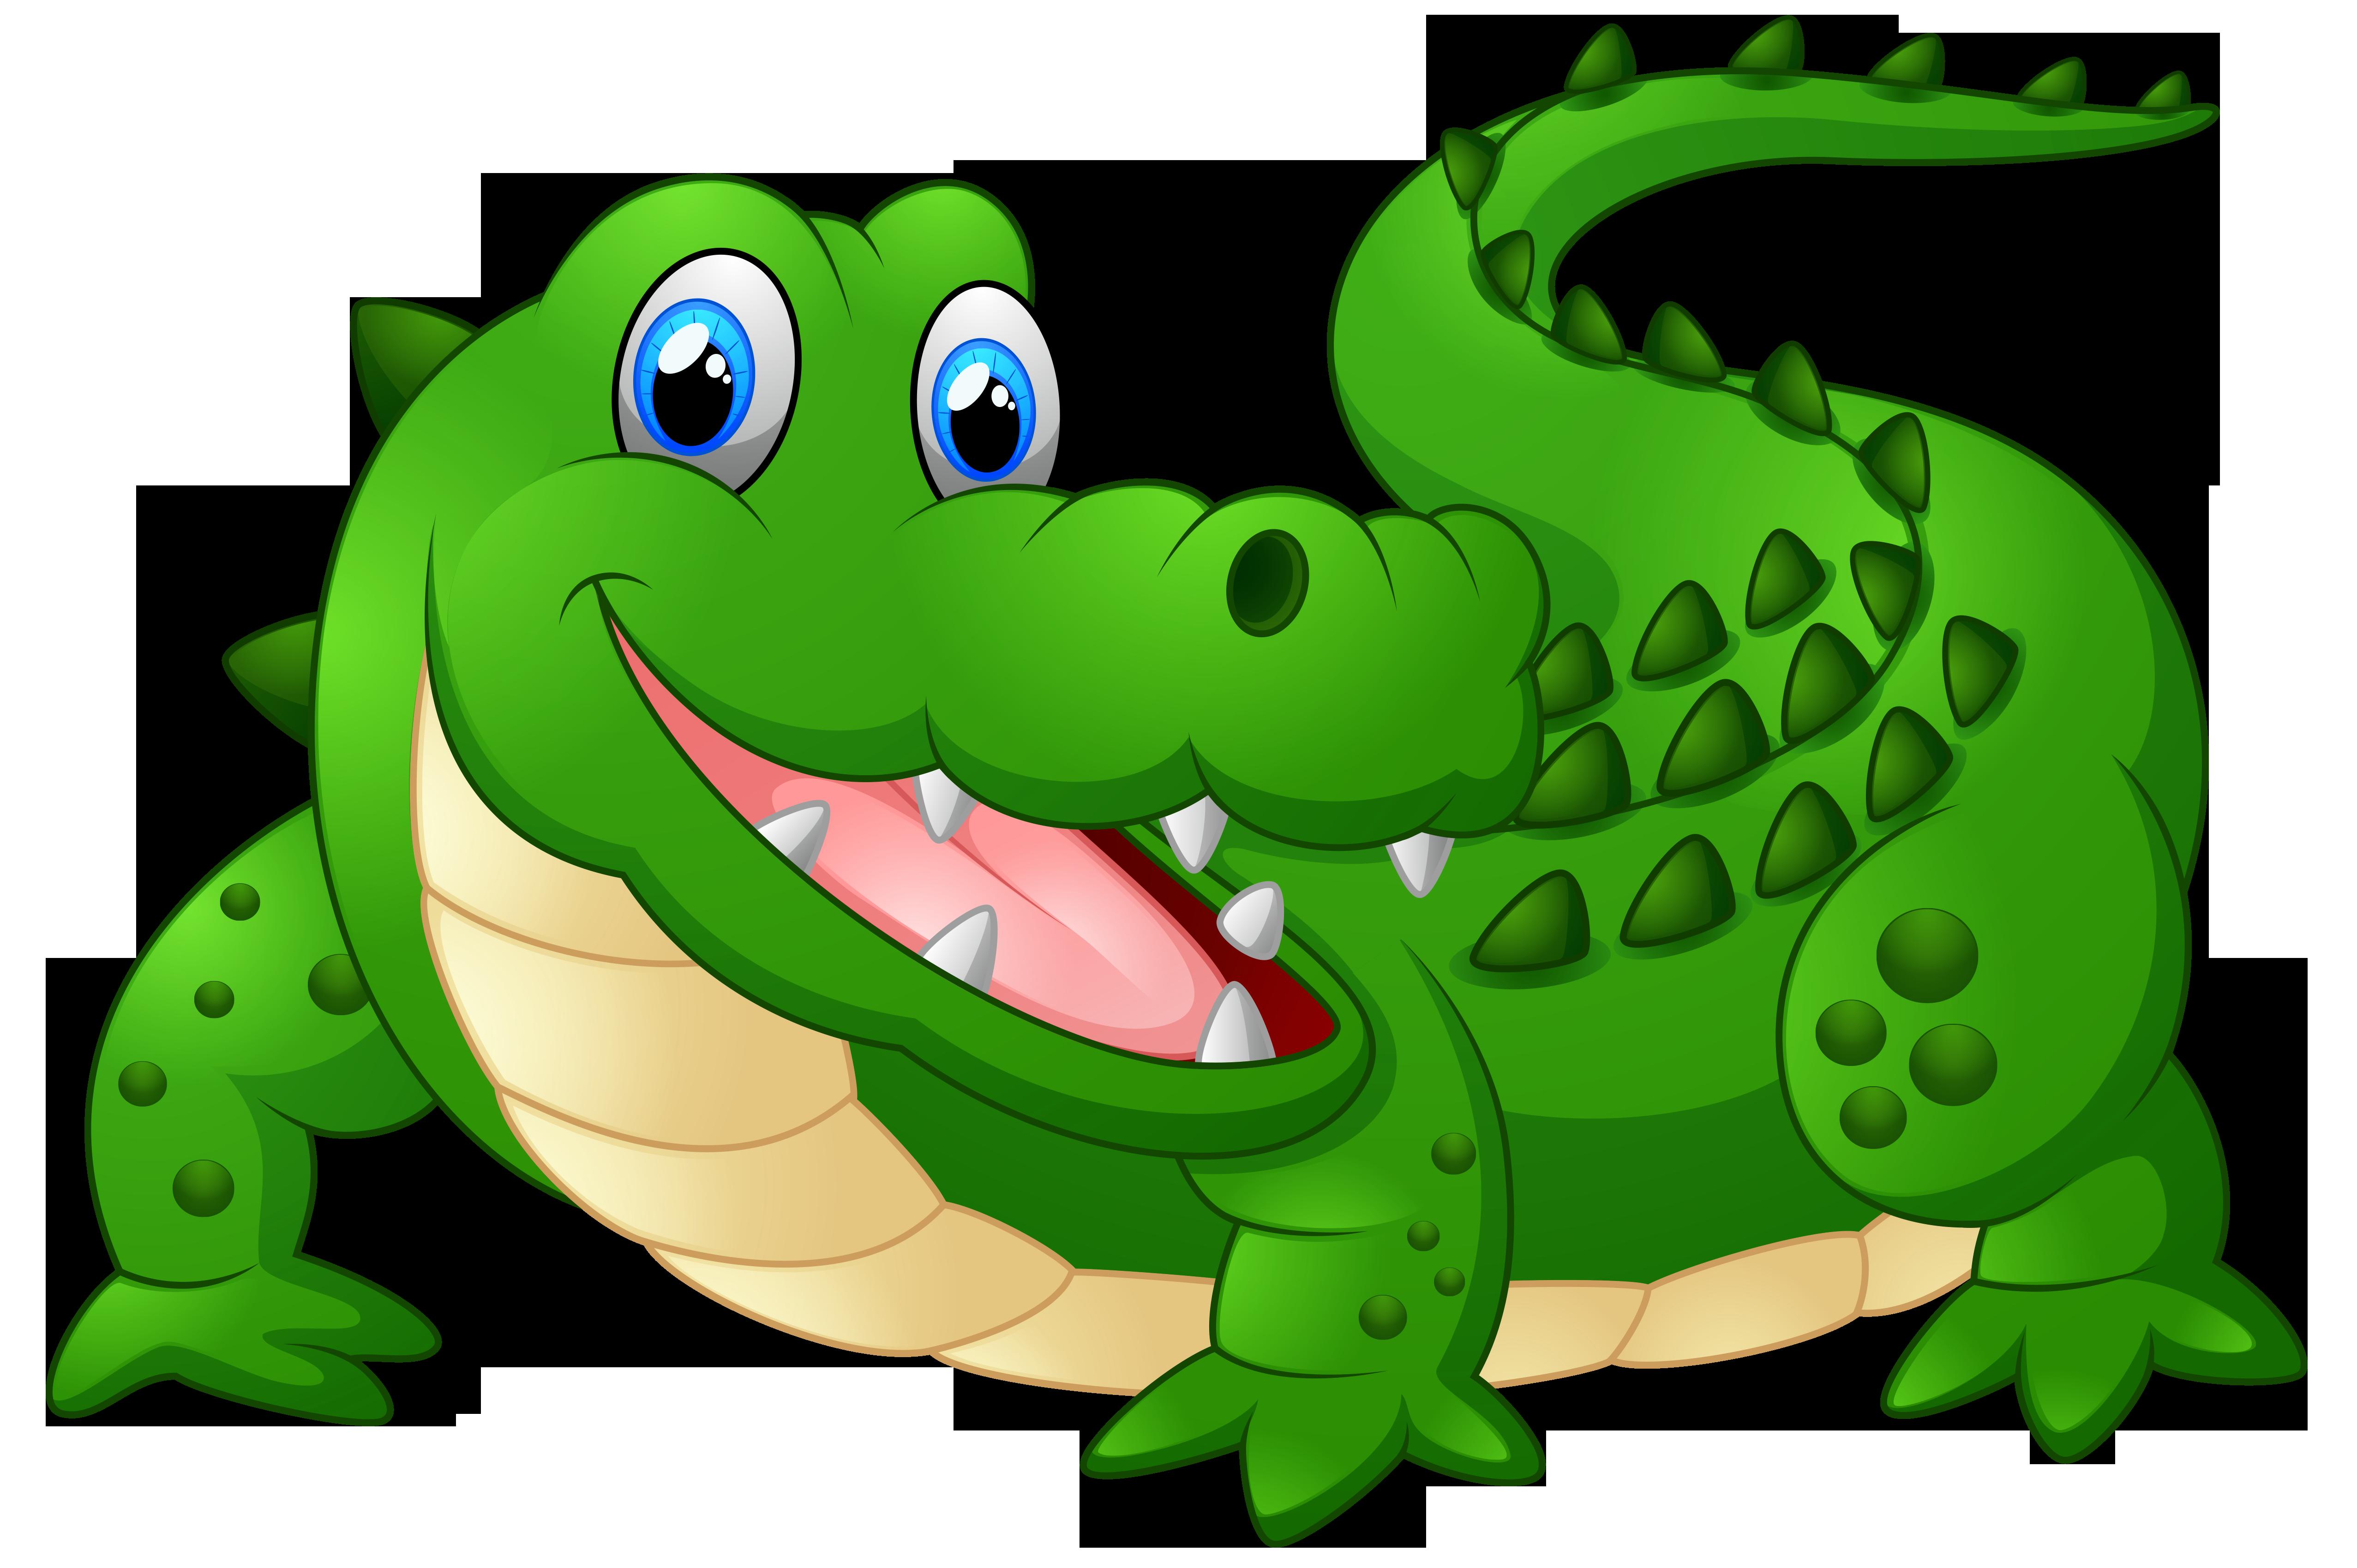 Крокодил картинки нарисованные, праздником марта картинки